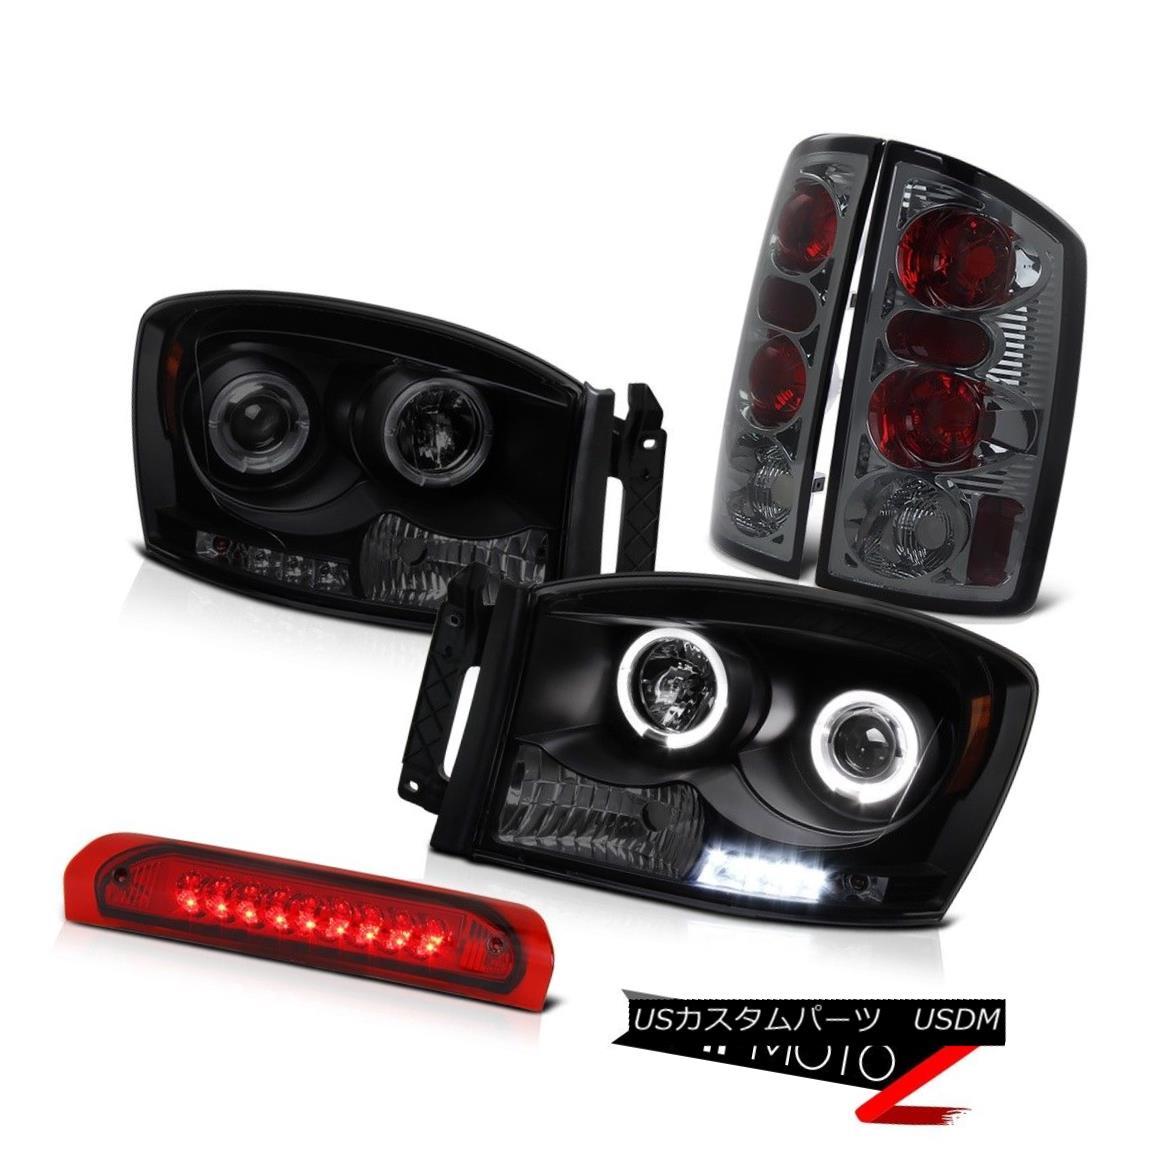 ヘッドライト 2006 Ram 1500 2500 3500 Sinister Black Headlights Halo LED 3RD Brake Tail Lights 2006 Ram 1500 2500 3500 Sinister BlackヘッドライトHalo LED 3RDブレーキテールライト